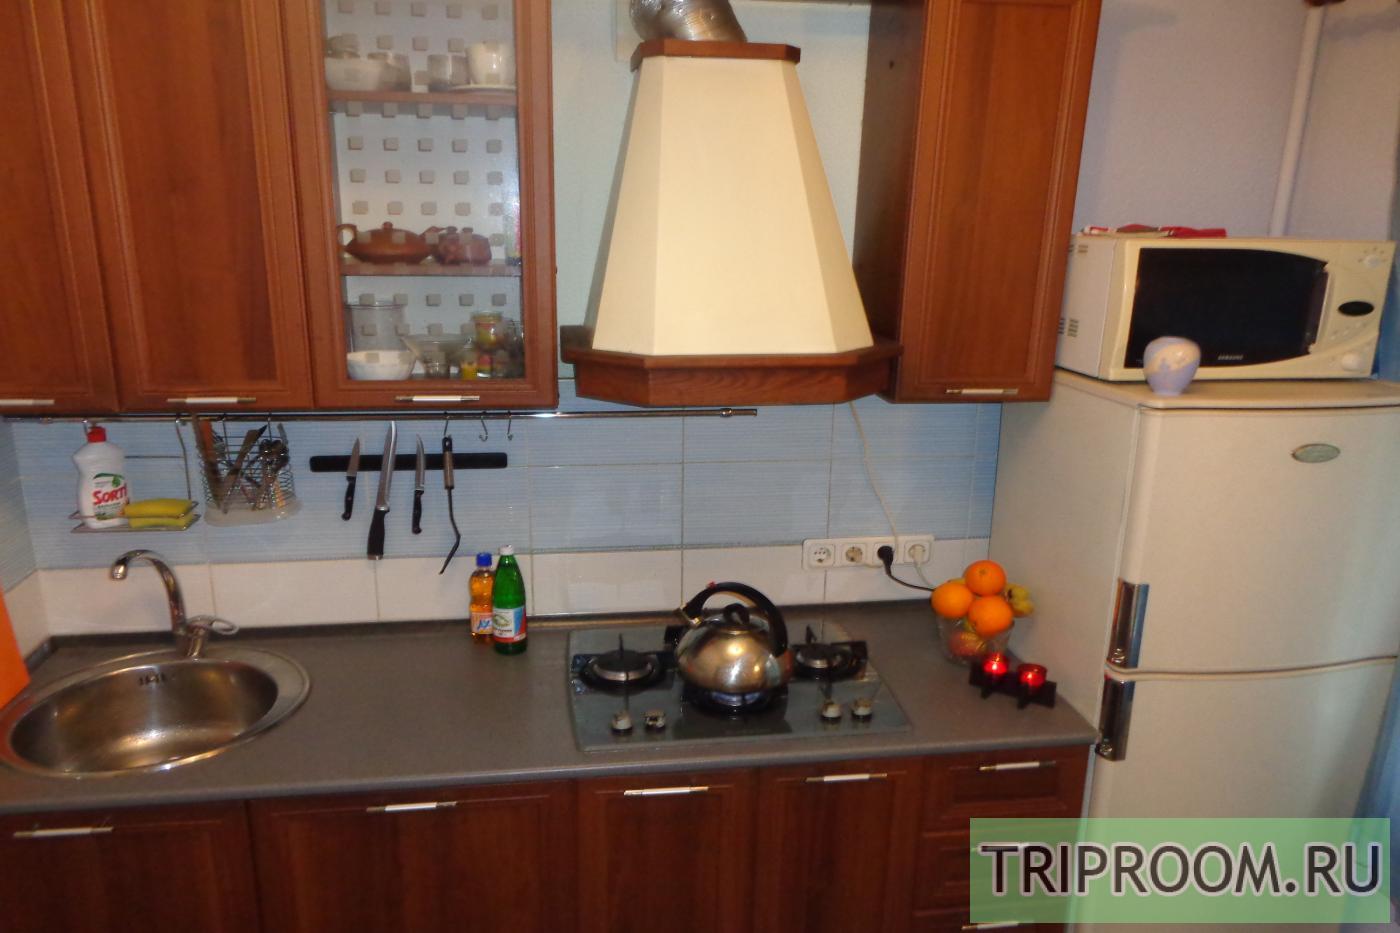 1-комнатная квартира посуточно (вариант № 2452), ул. Невская улица, фото № 6